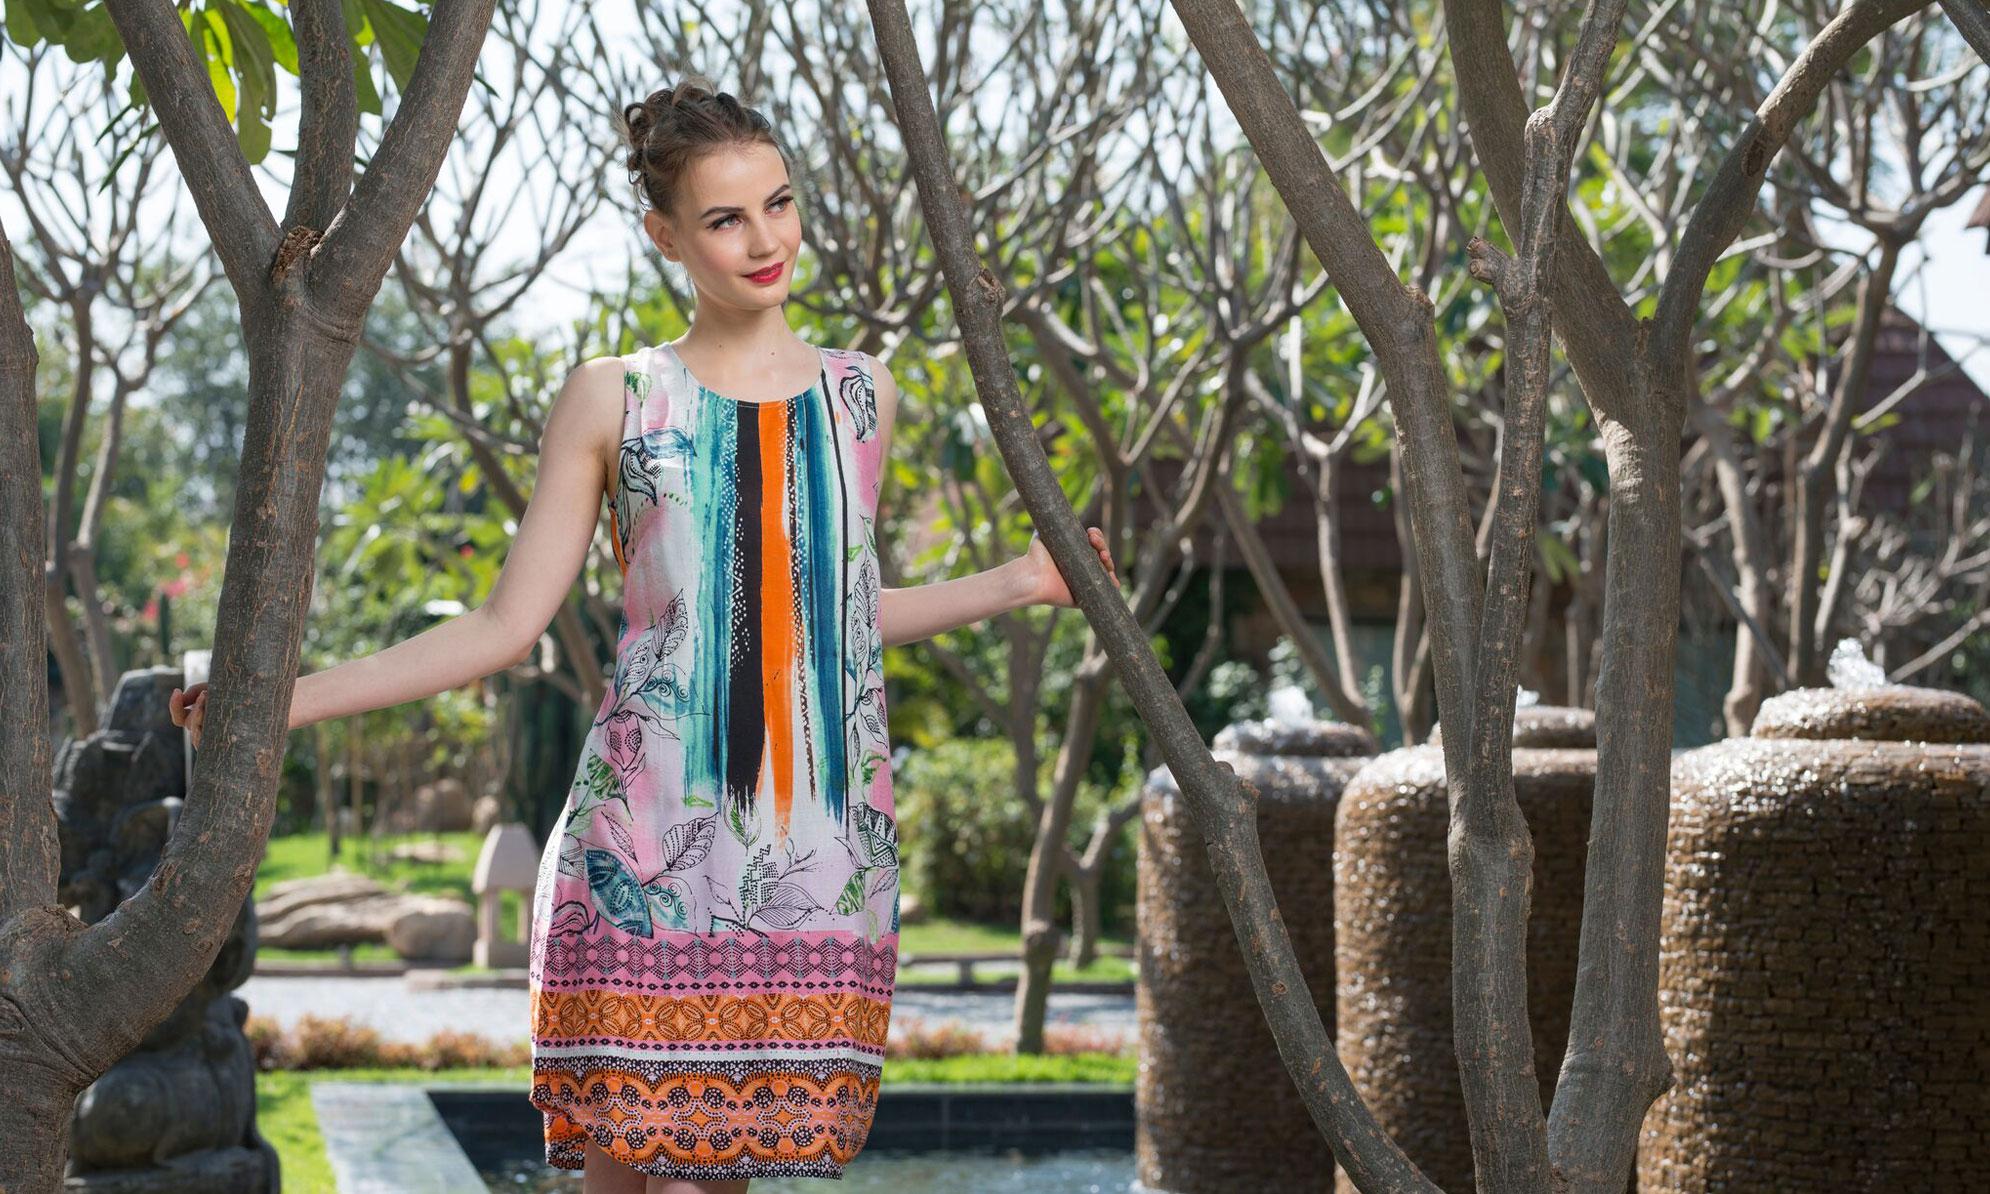 Locco Fashion, Wholesale Fashion, Wholesale Womens Clothing UK Uk fashion wholesale websites